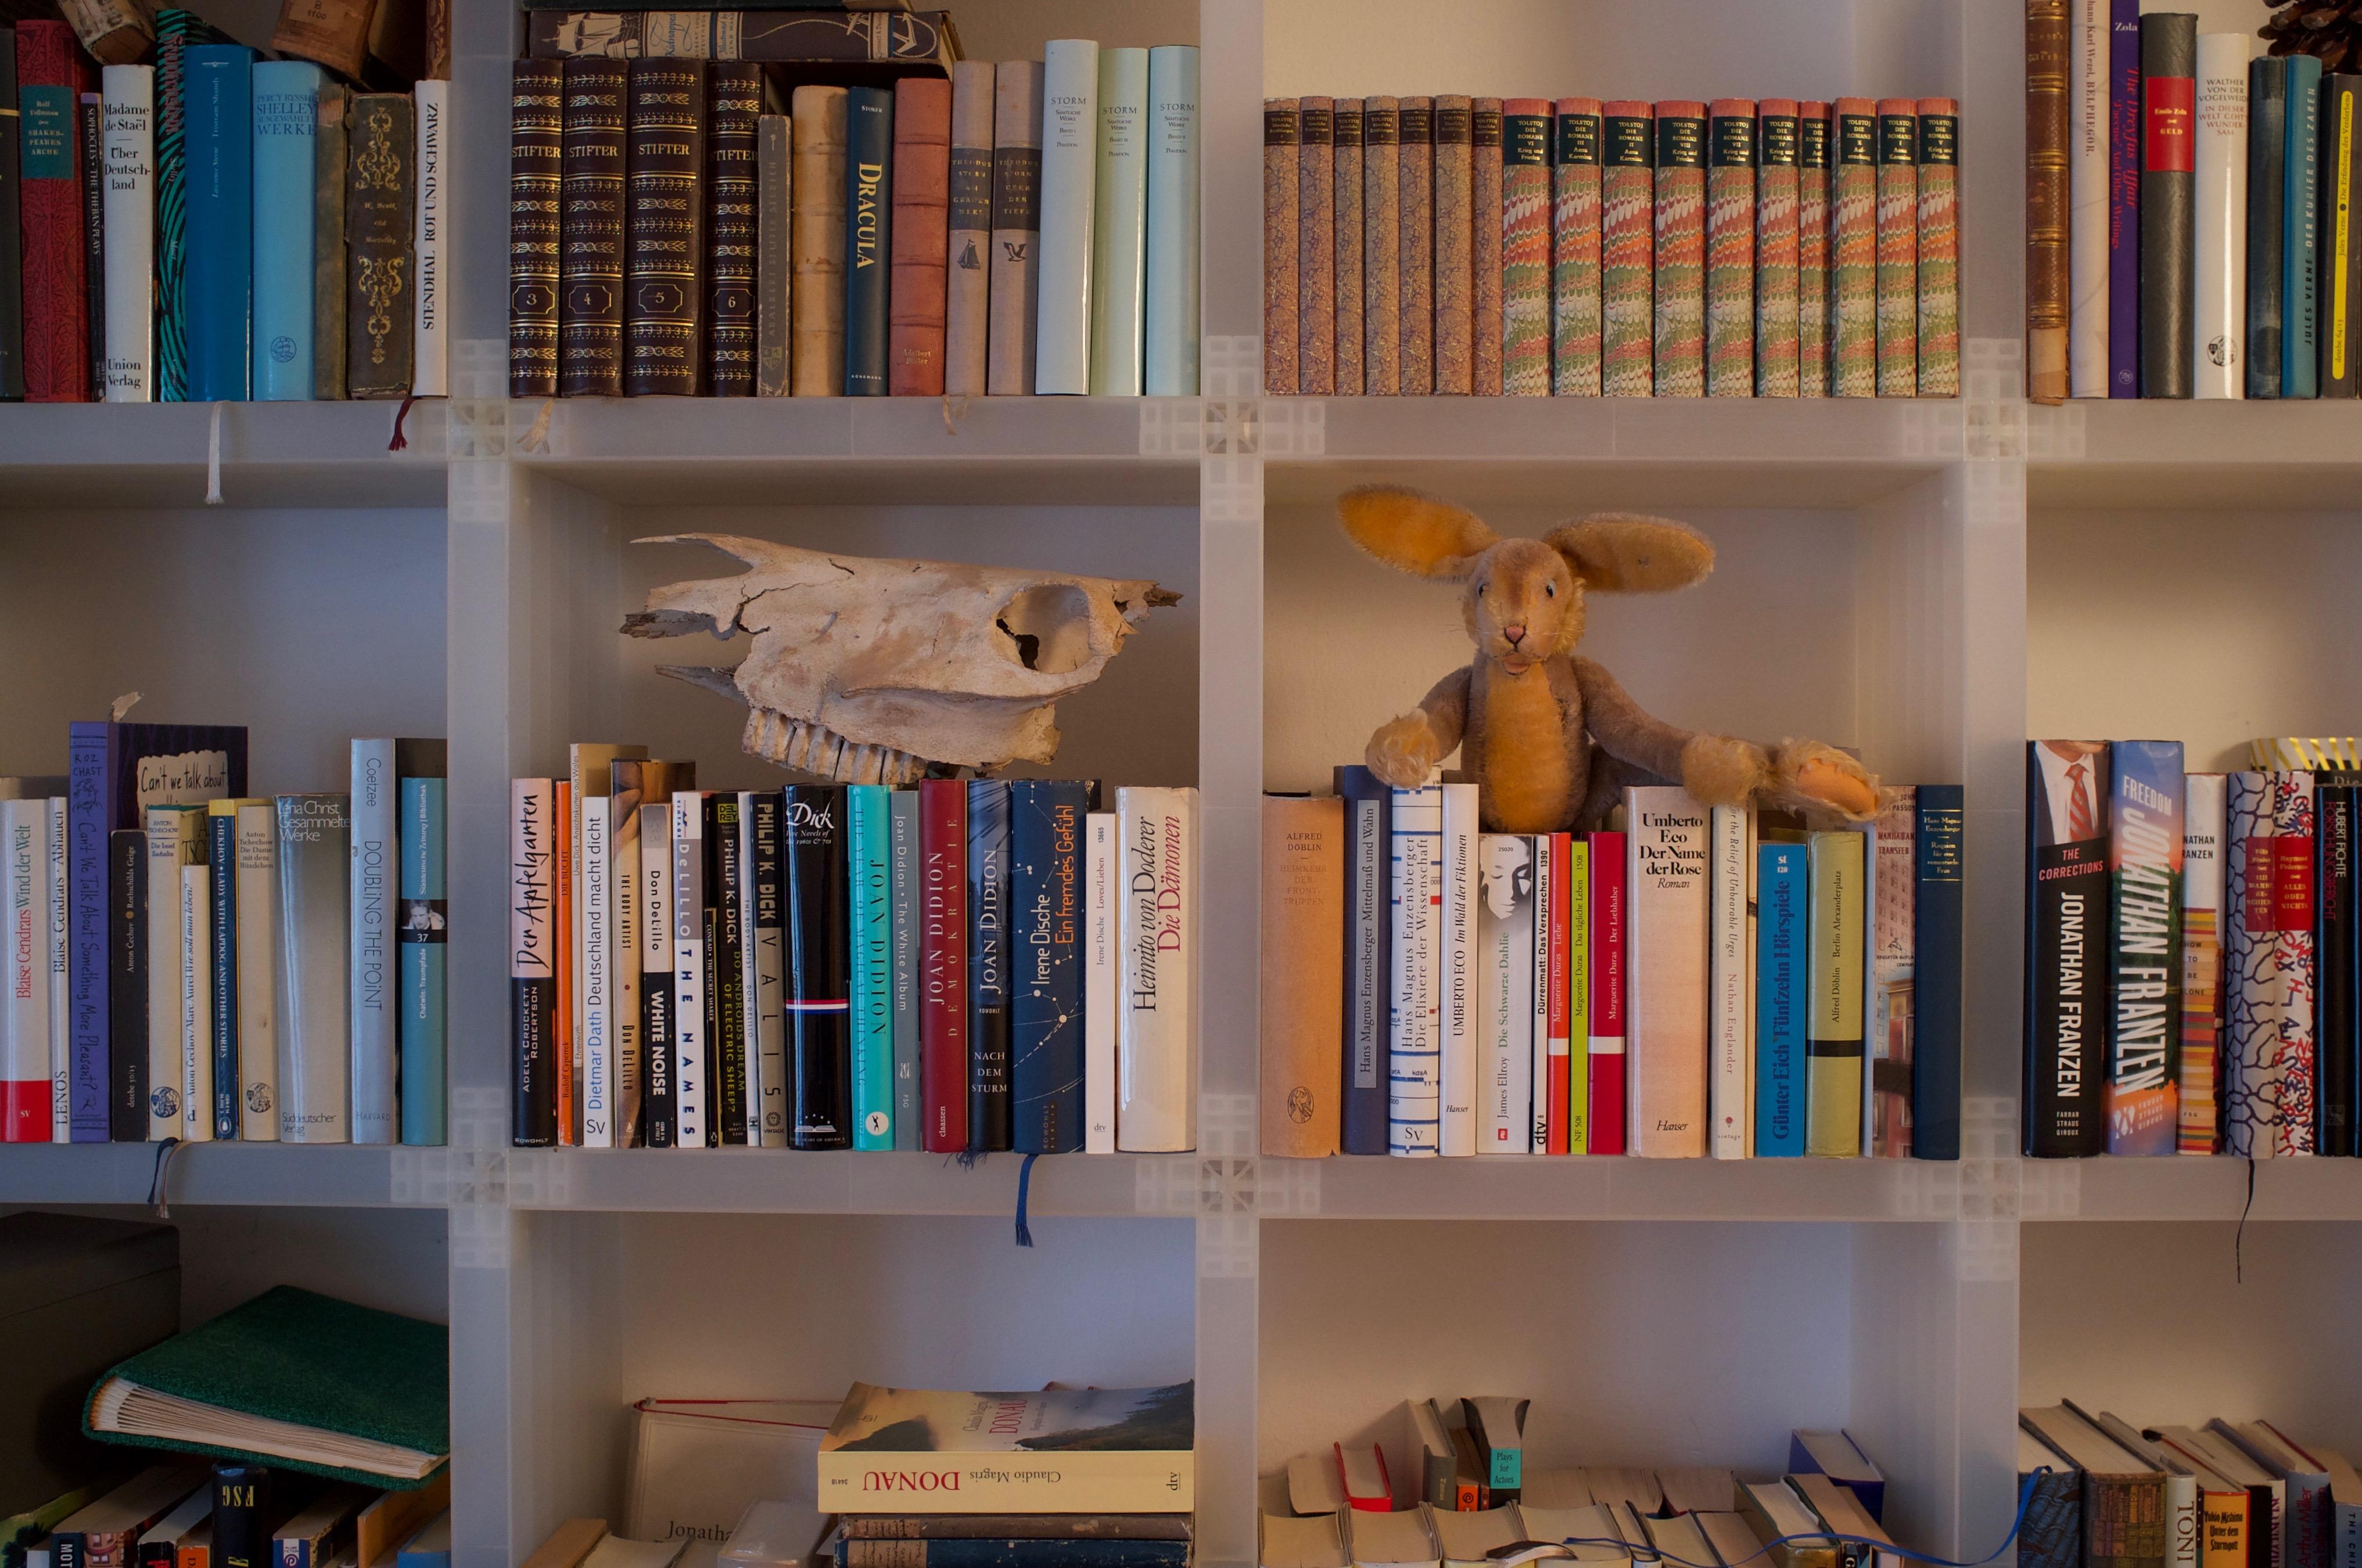 salon_book shelf 2